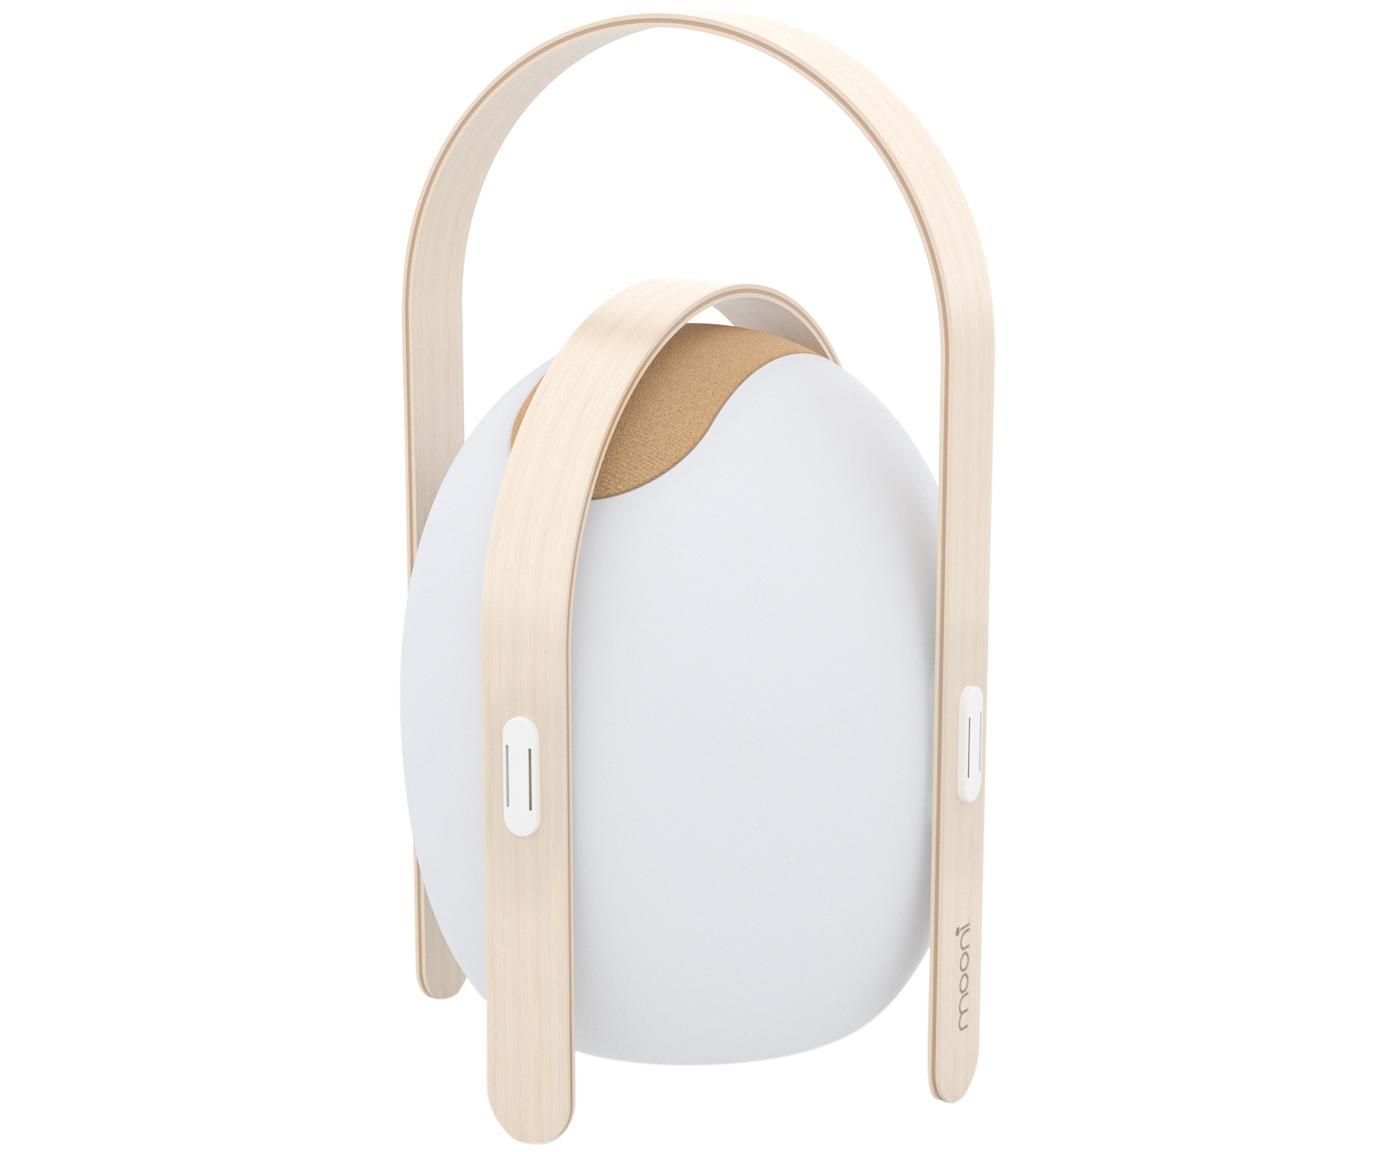 Mobile LED Aussenleuchte mit Lautsprecher Ovo, Lampenschirm: Kunststoff (LDPE), Gestell: Ulmenholz mit Birkenfurni, Weiss, Hellbraun, Ø 24 x H 39 cm